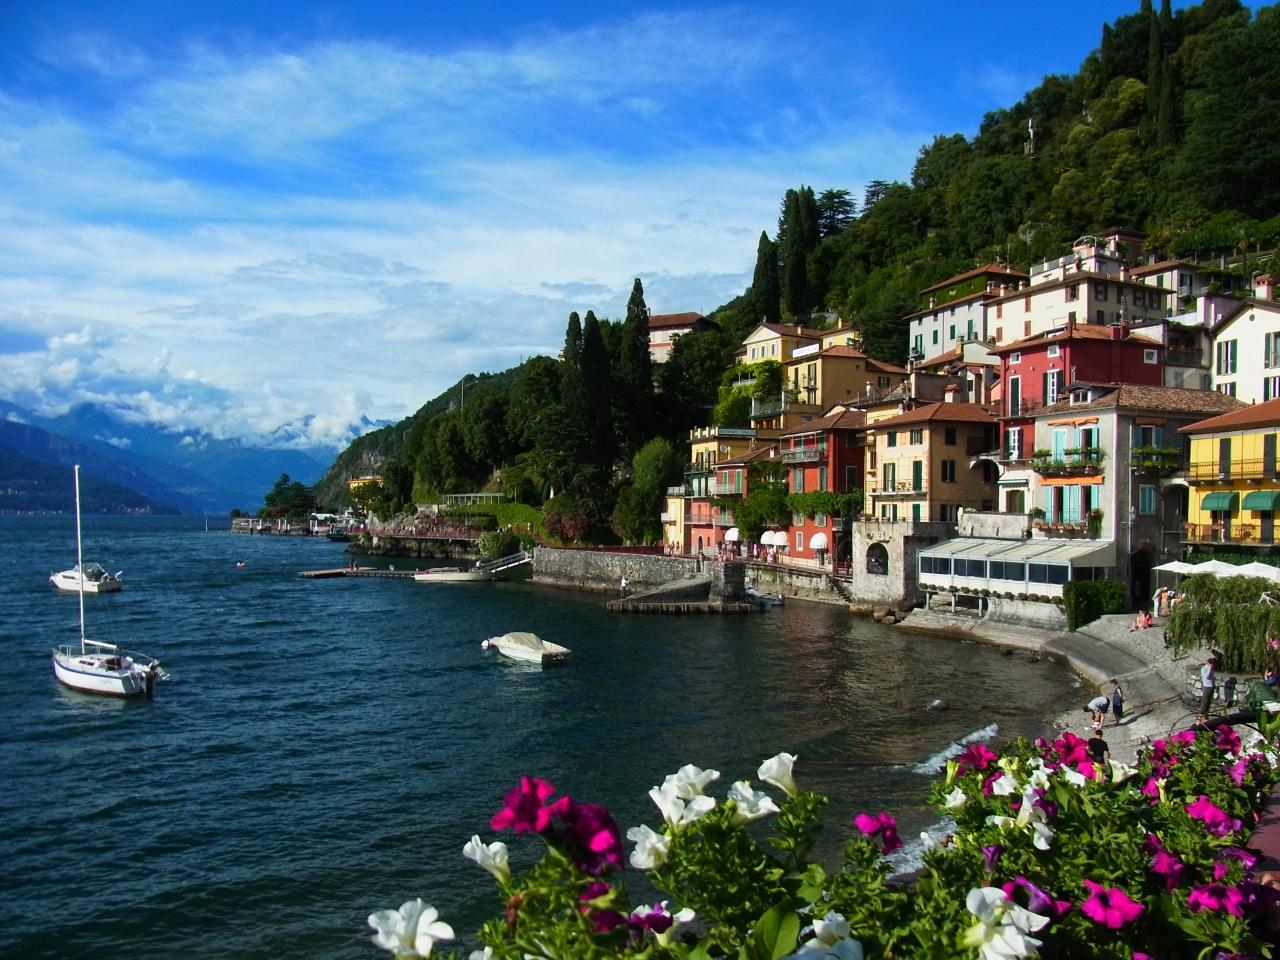 北イタリアを巡る旅 ⑦コモ湖』ロンバルディア州(イタリア)の旅行記 ...